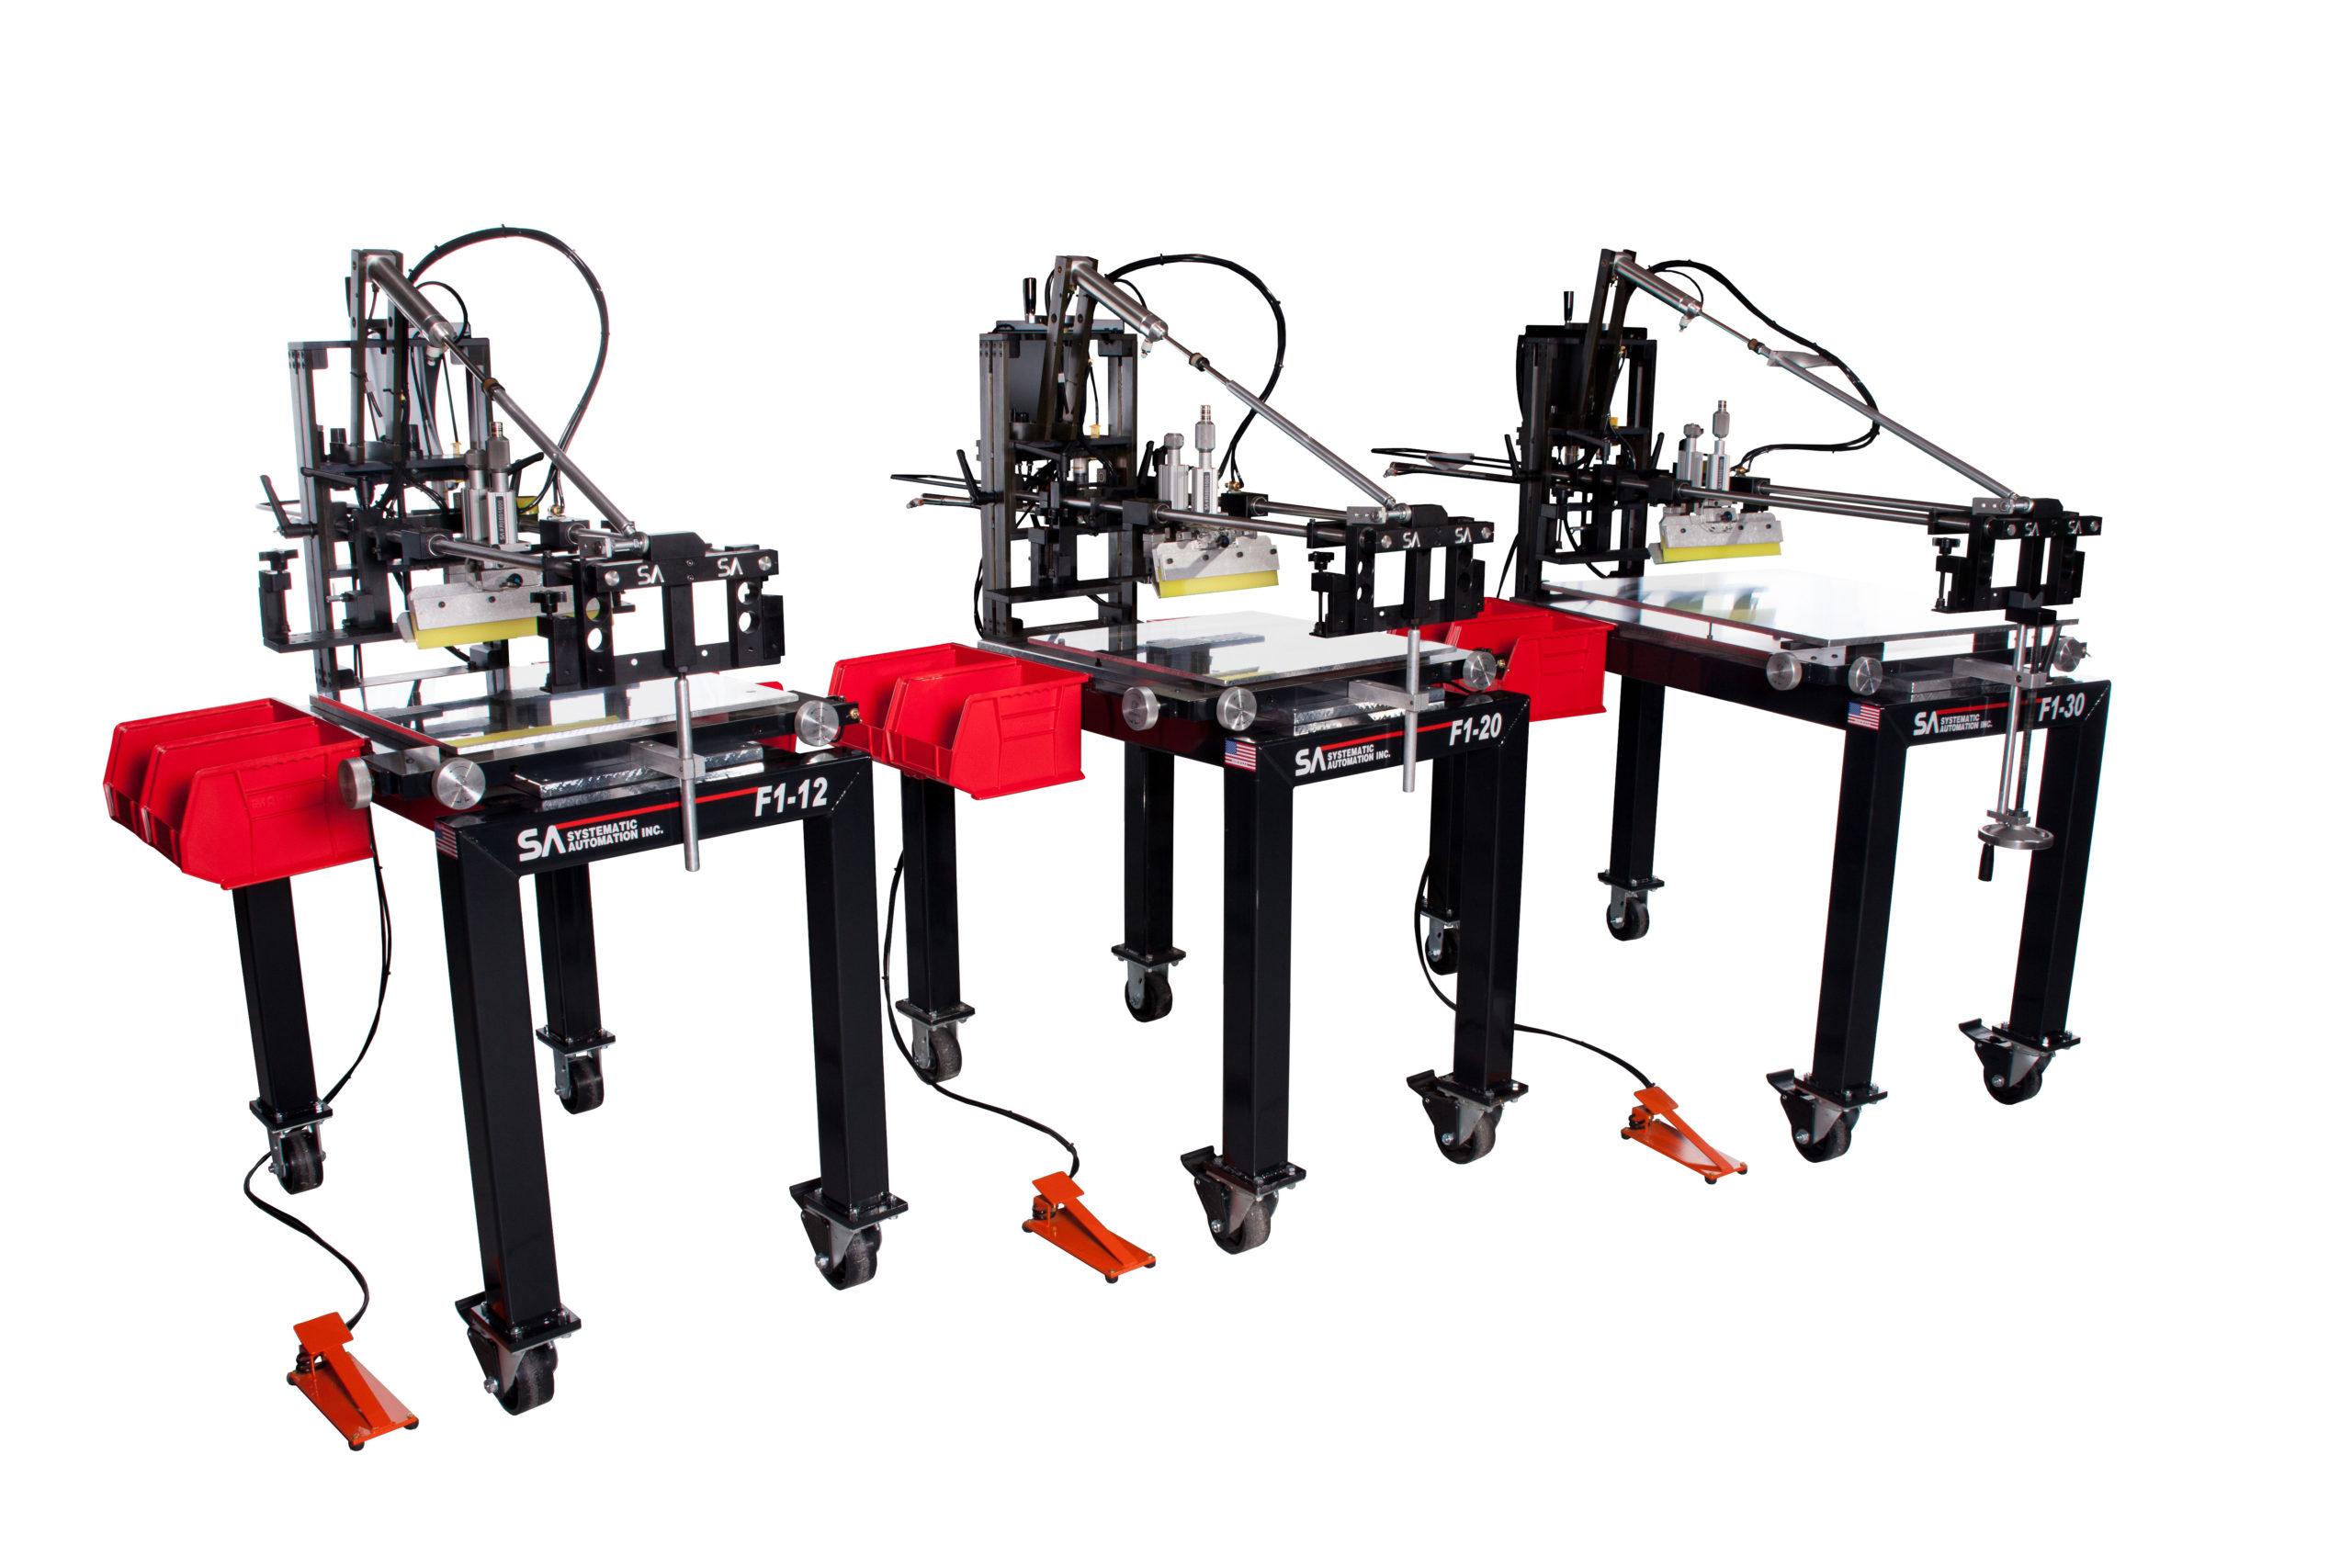 Model F1 Screen Printer Series